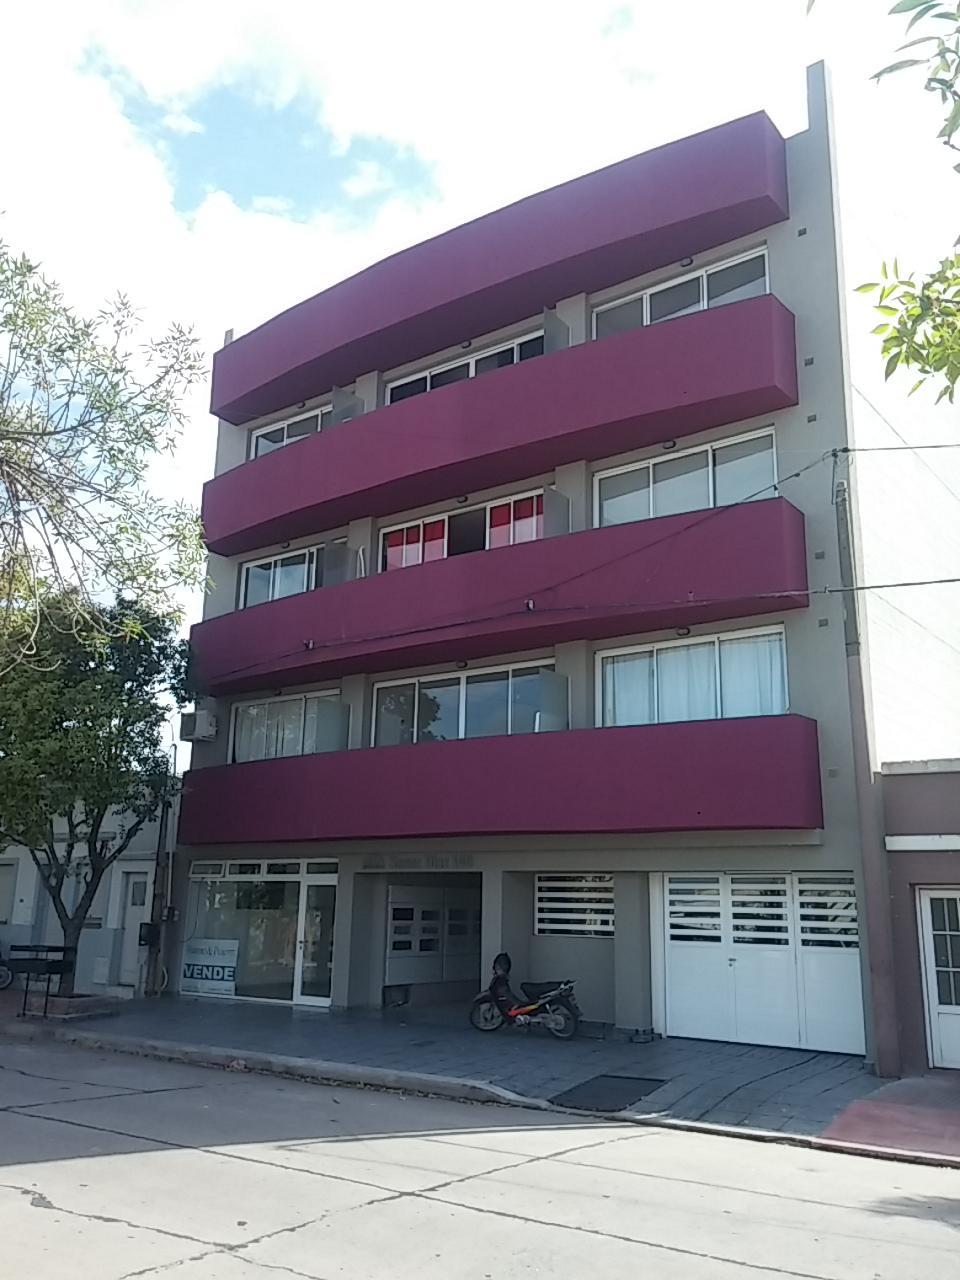 Saenz Diaz 146 2º E - Gaggiotti Inmobiliaria cuenta con más de 50 años desde que se inicio en el negocio de los servicios inmobiliarios.